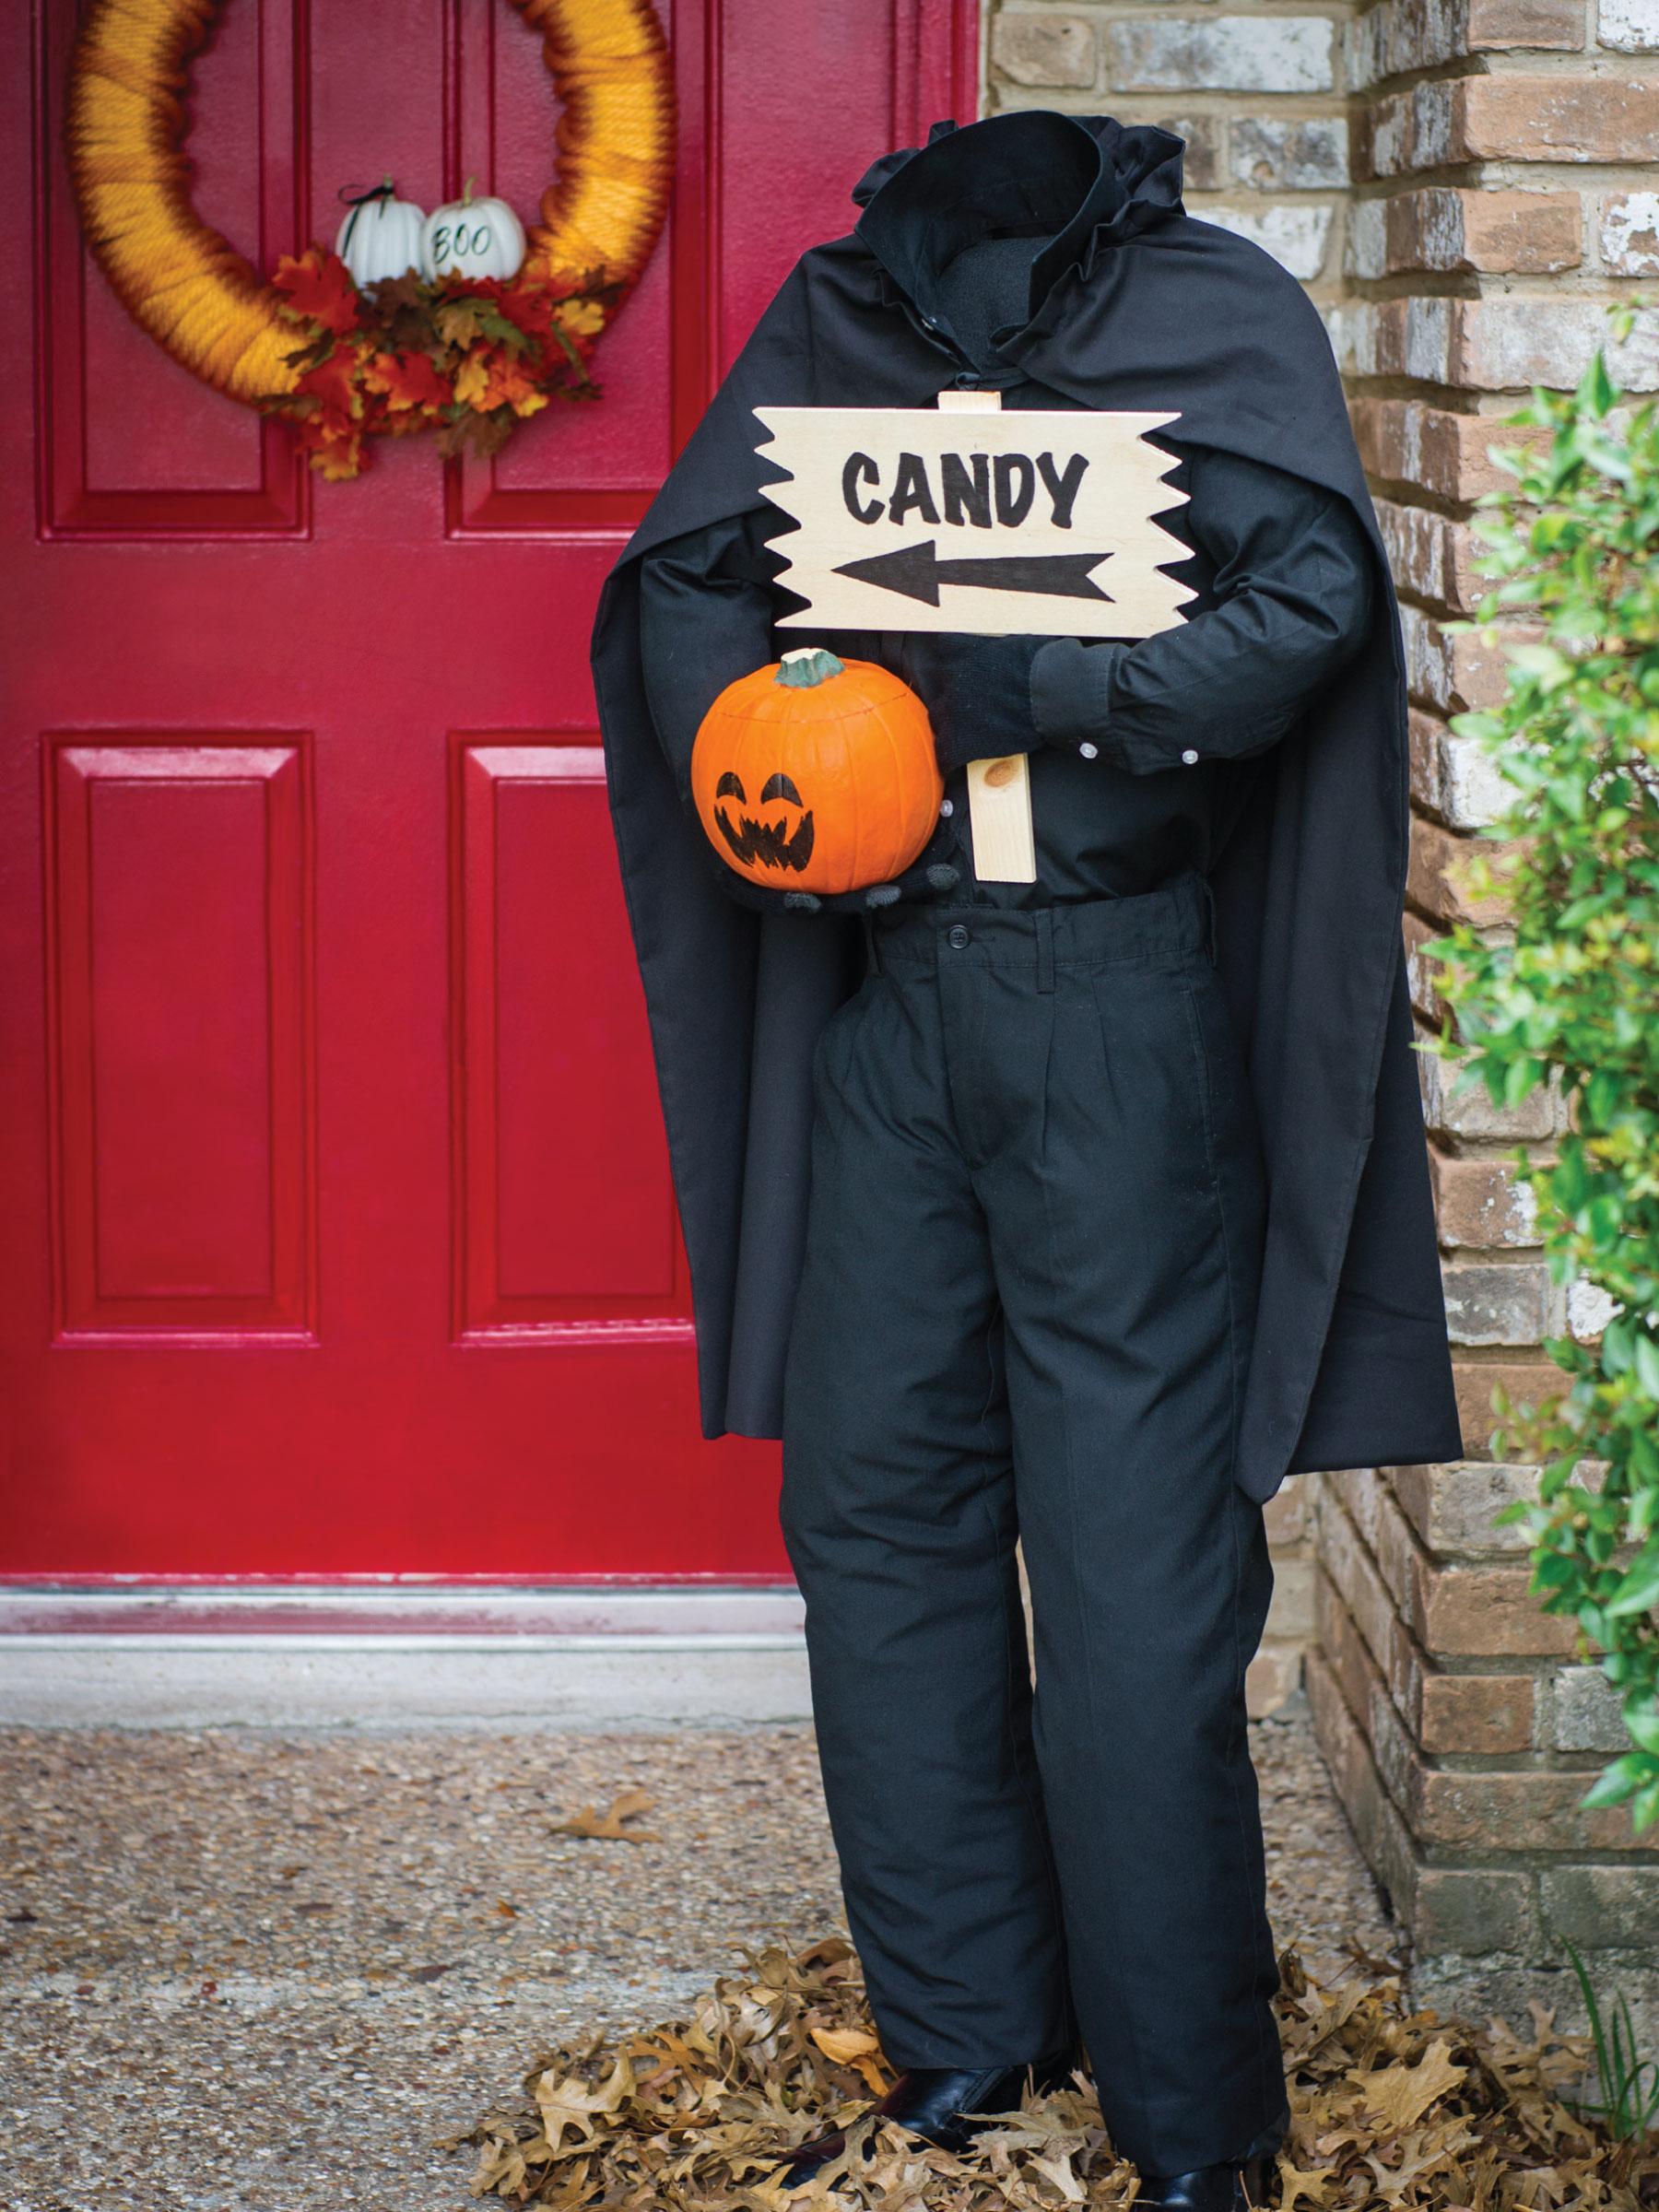 Headless Horseman Door Greeter by Sam Henderson of Today's Nest for HGTV.